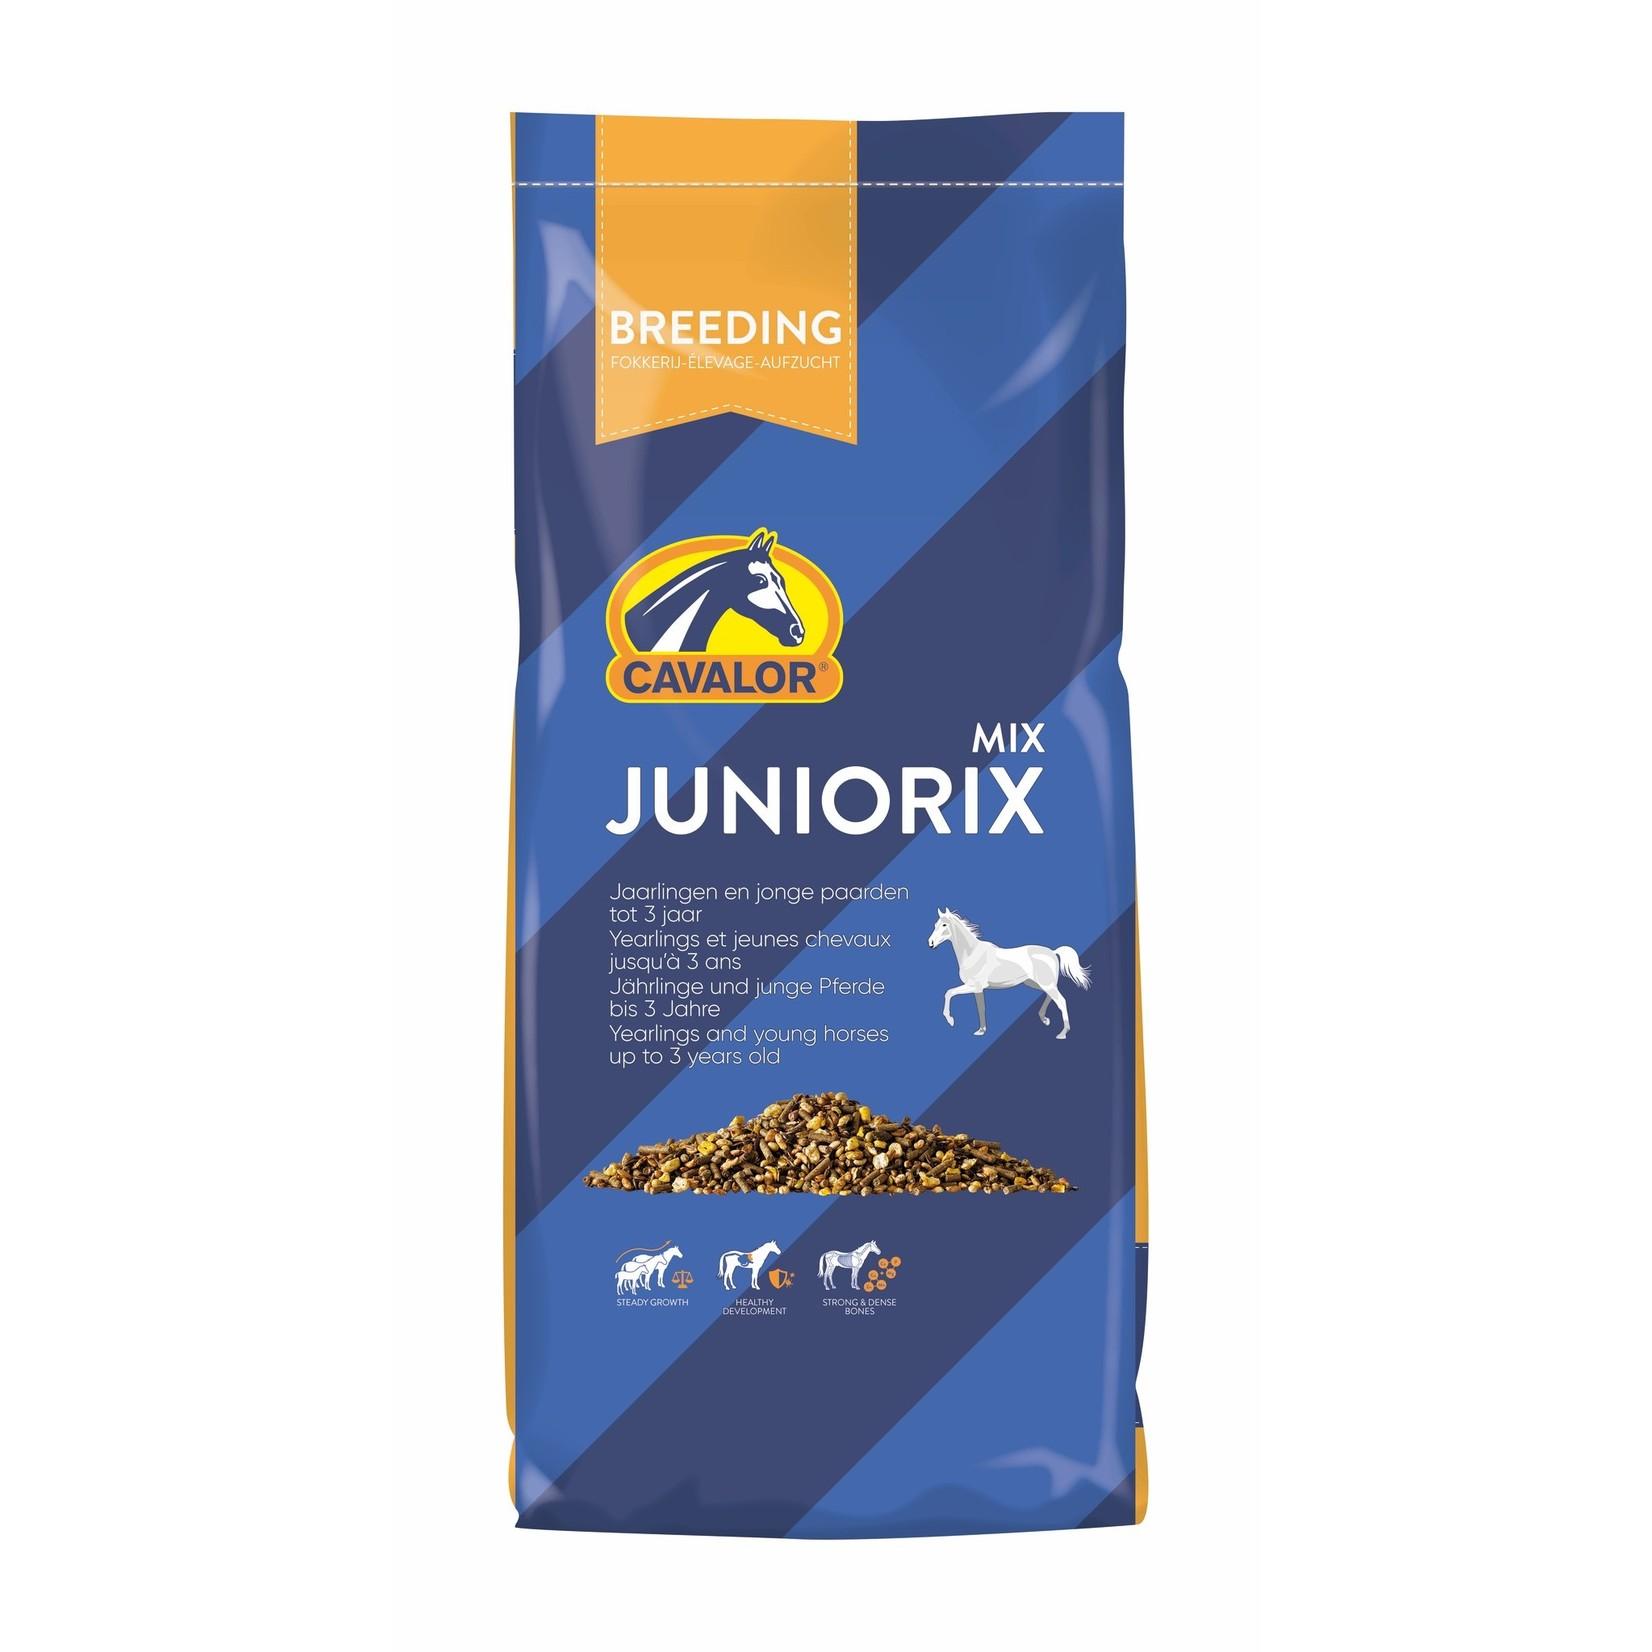 Cavalor Cavalor Juniorix